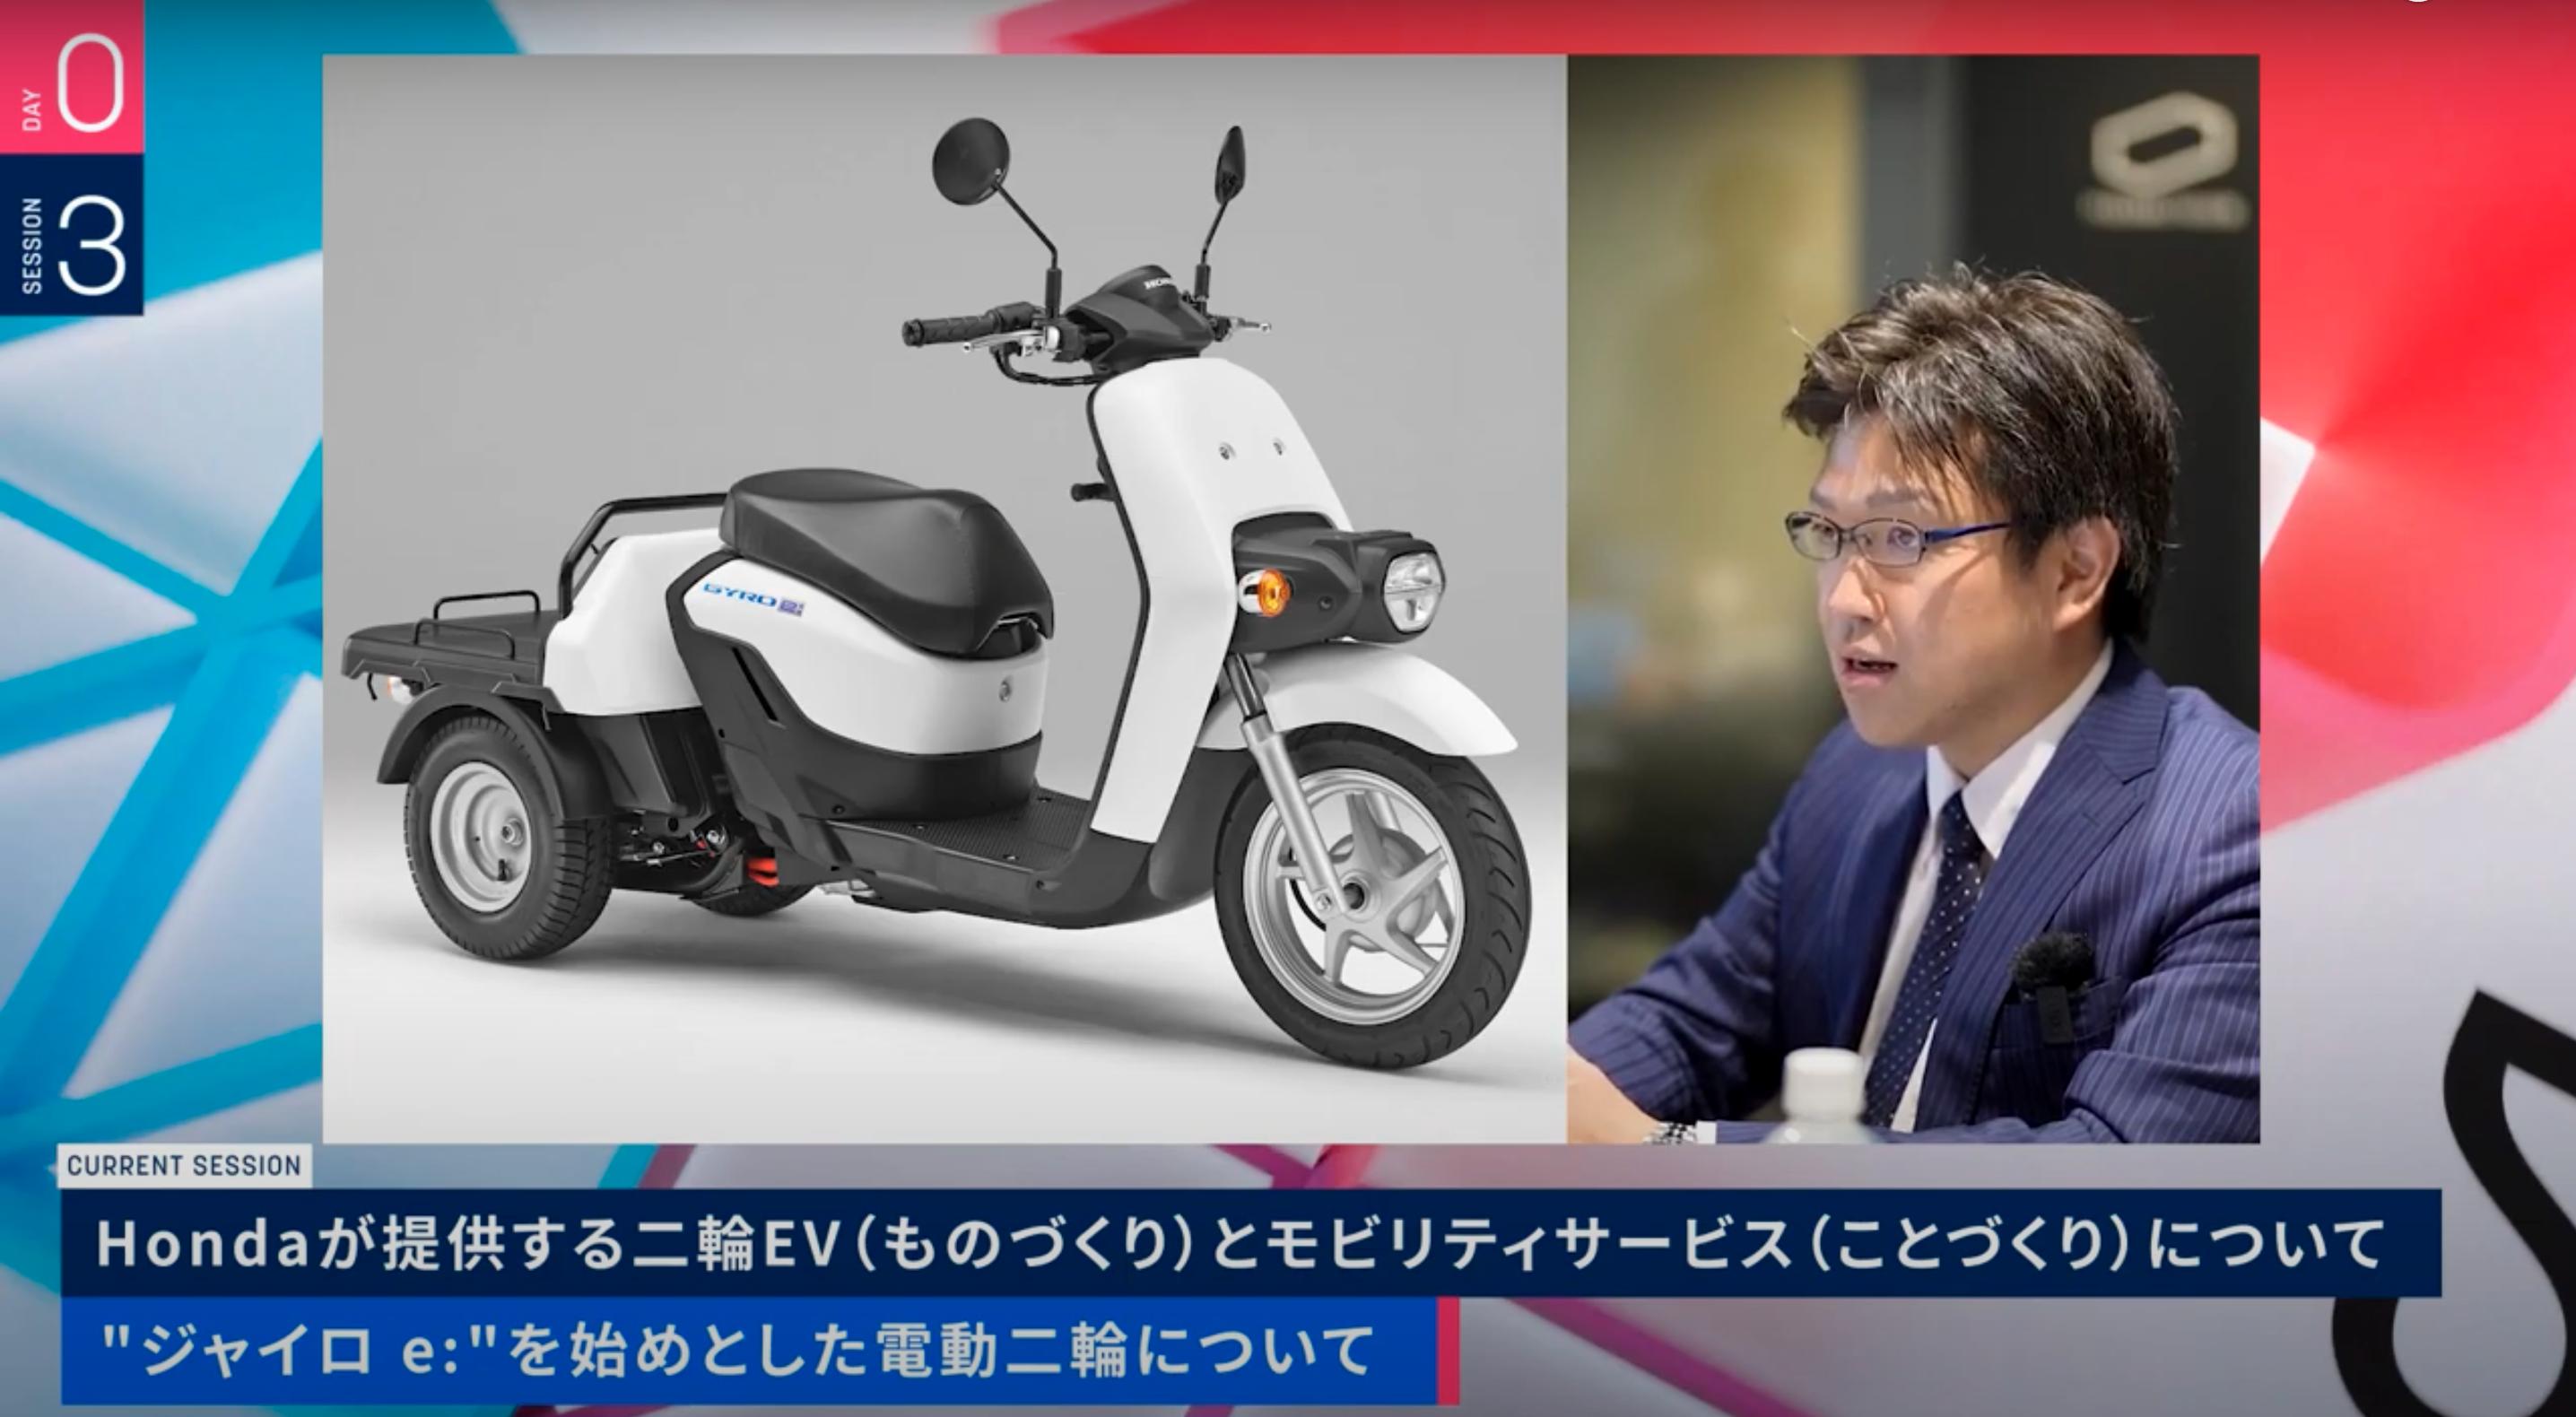 Hondaが提供する二輪EV(ものづくり)とモビリティサービス(ことづくり)について